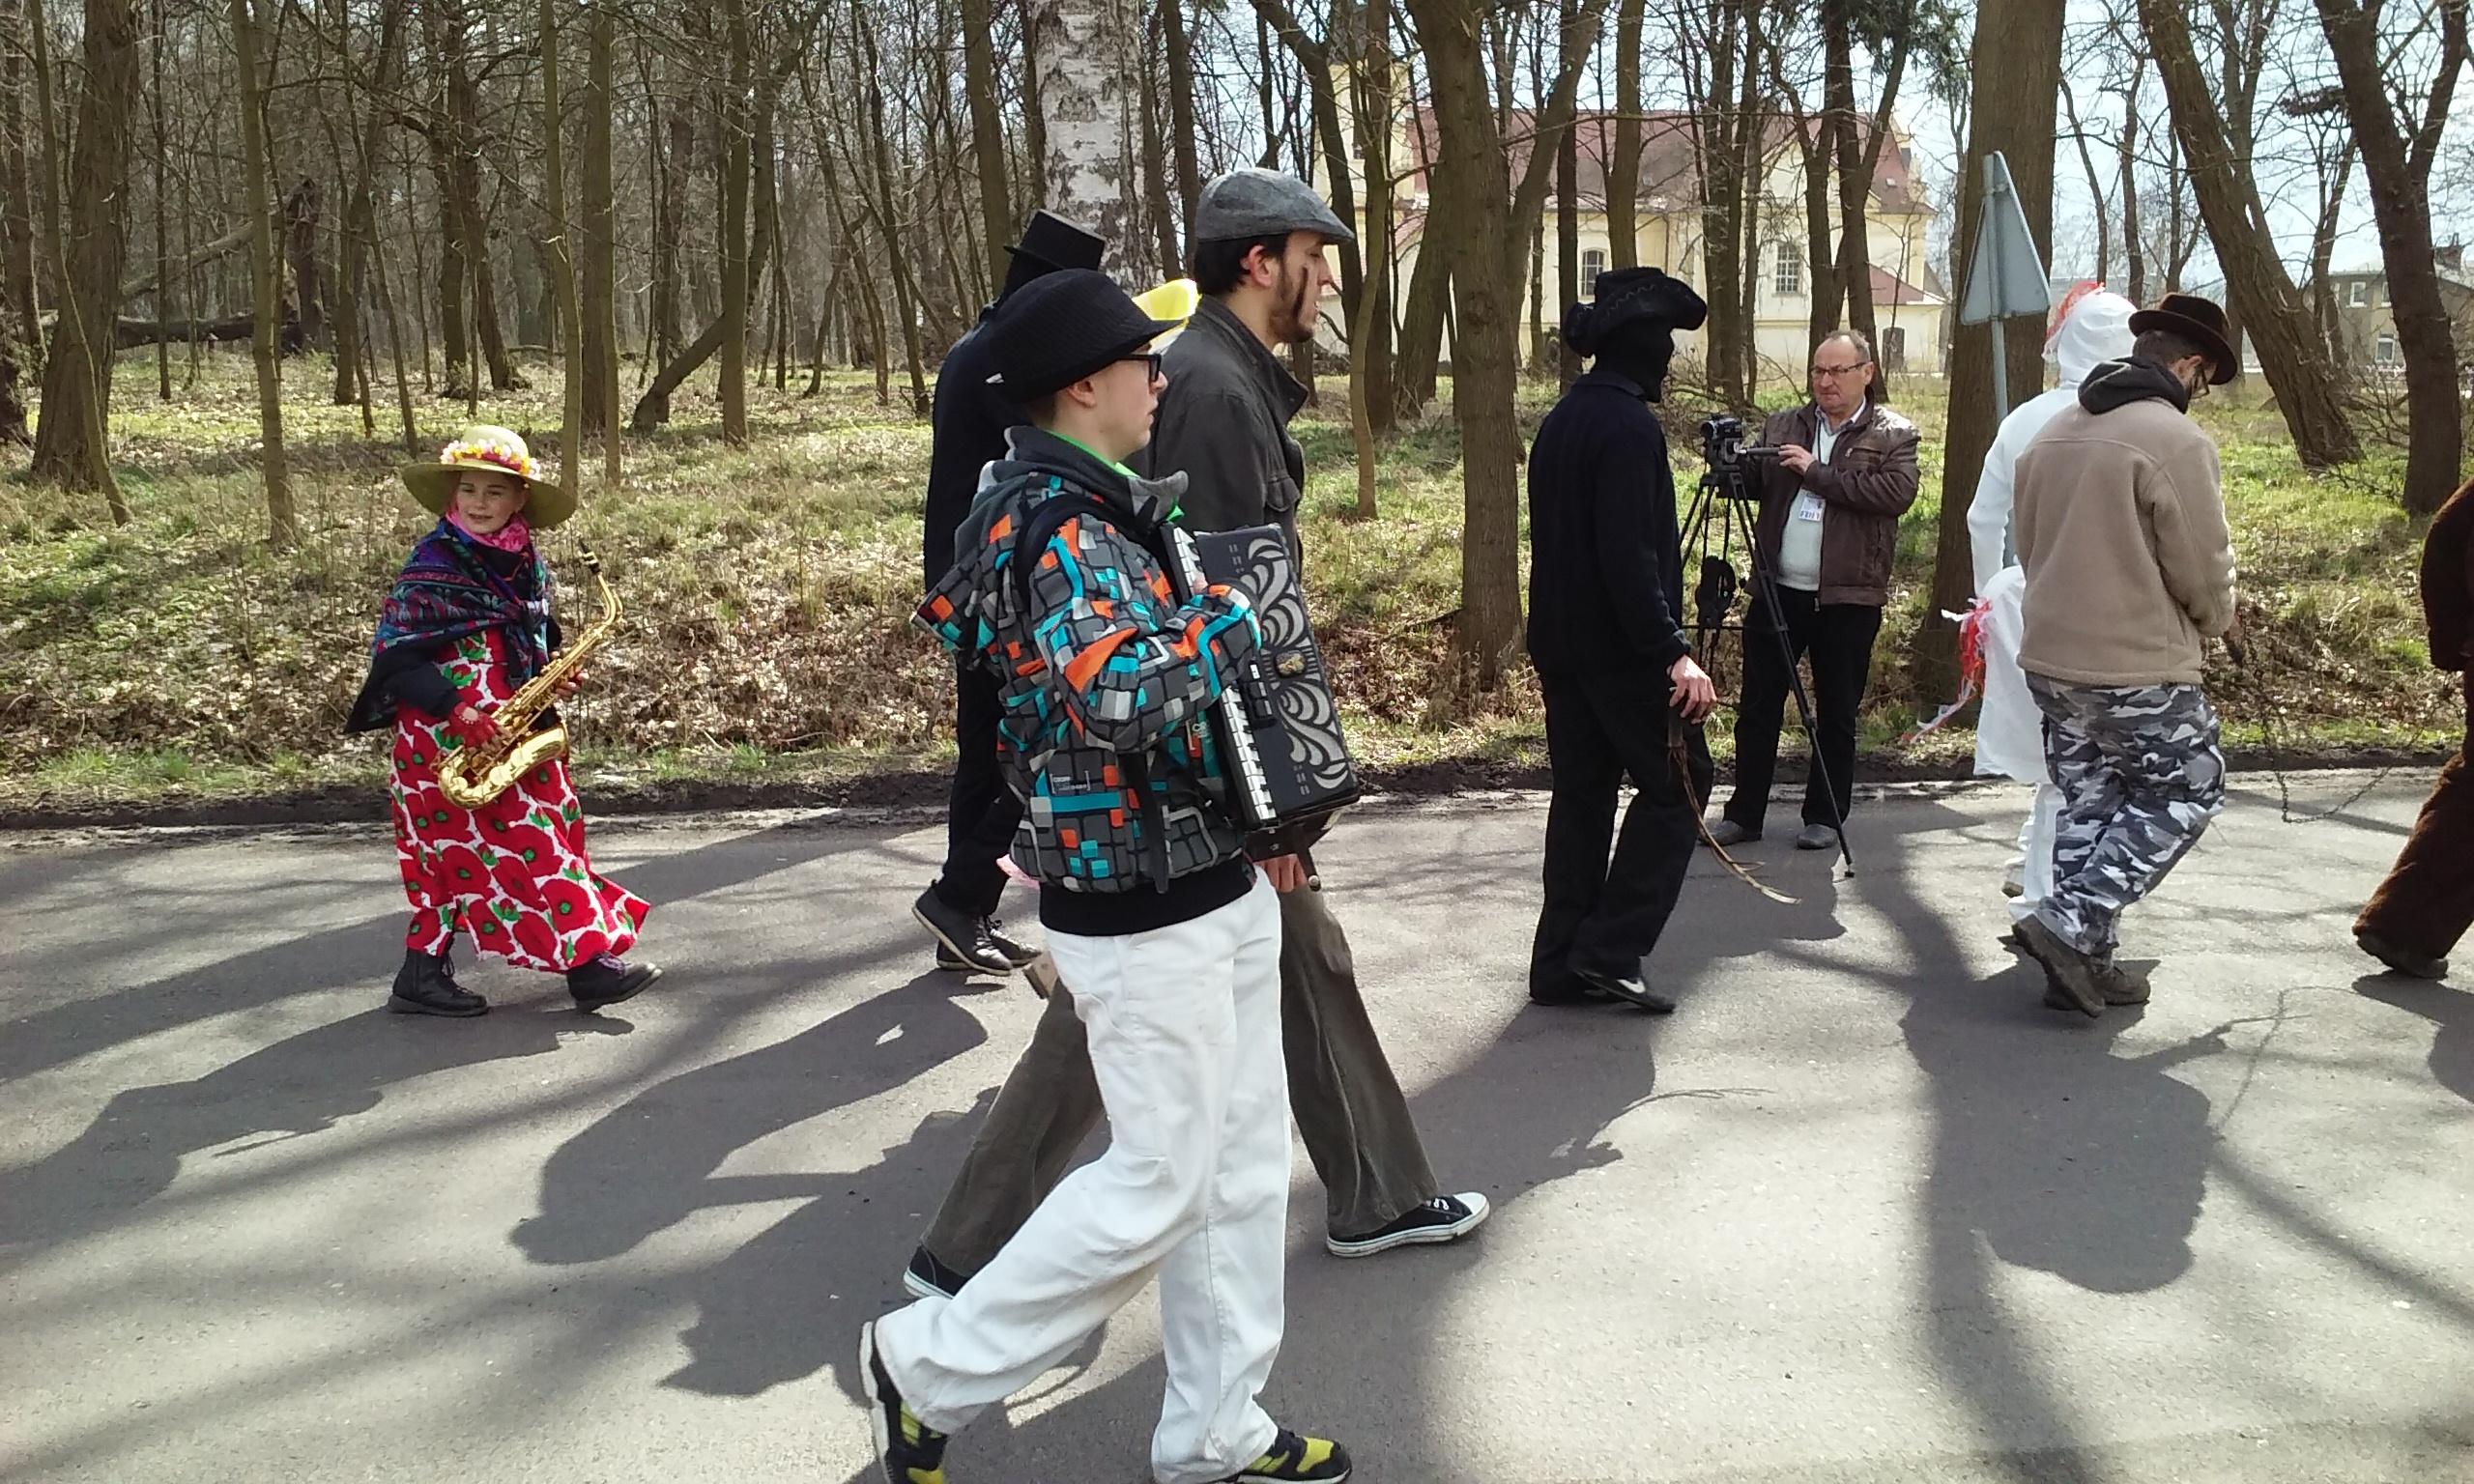 Uczestnicy Siwków. Na zdjęciu przebierańcy w pochodzie na ulicy.